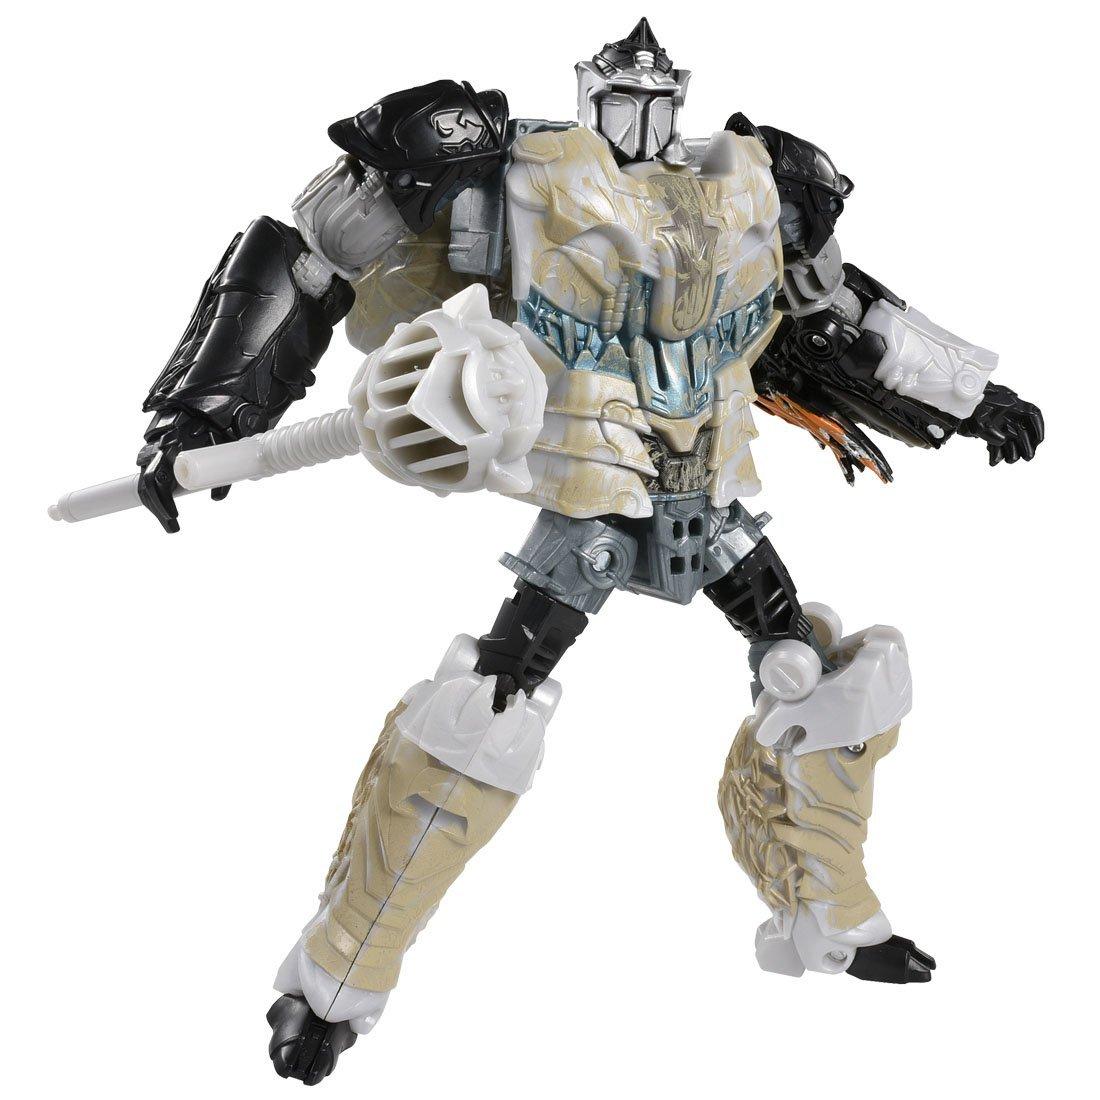 トランスフォーマームービー TLK-30 ドラゴンストーム-009